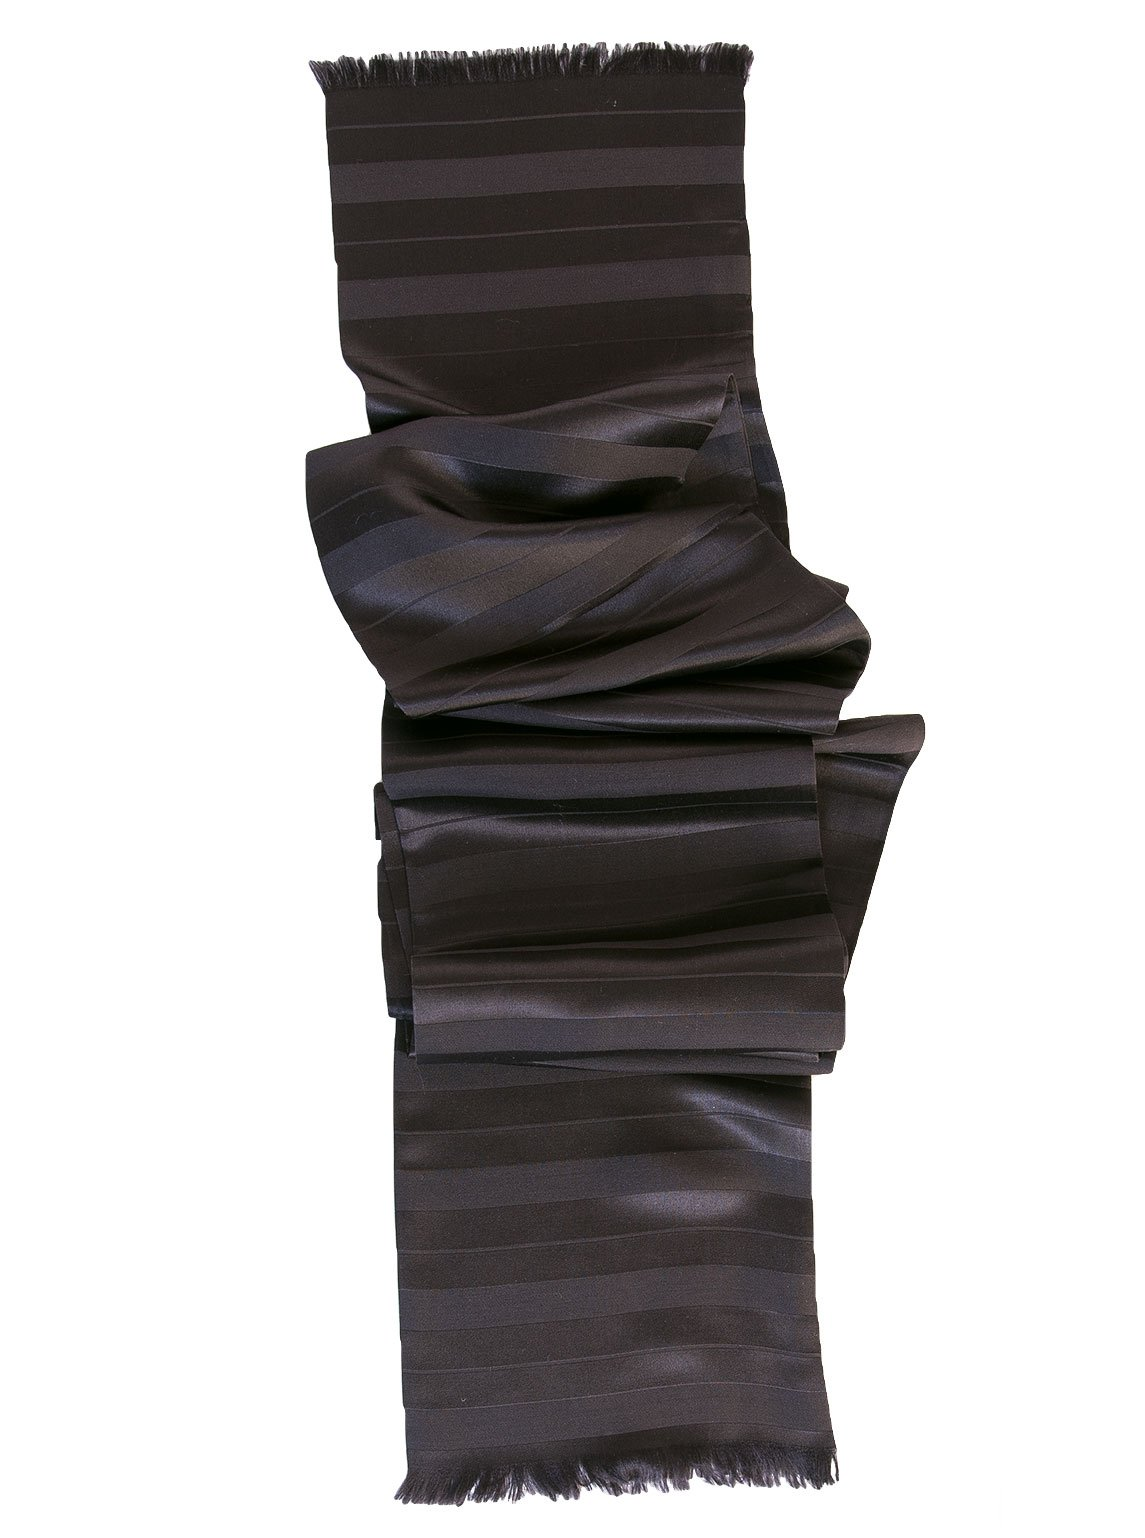 Elizabetta Men's Pure Silk Tuxedo Opera Scarf, Skinny Black